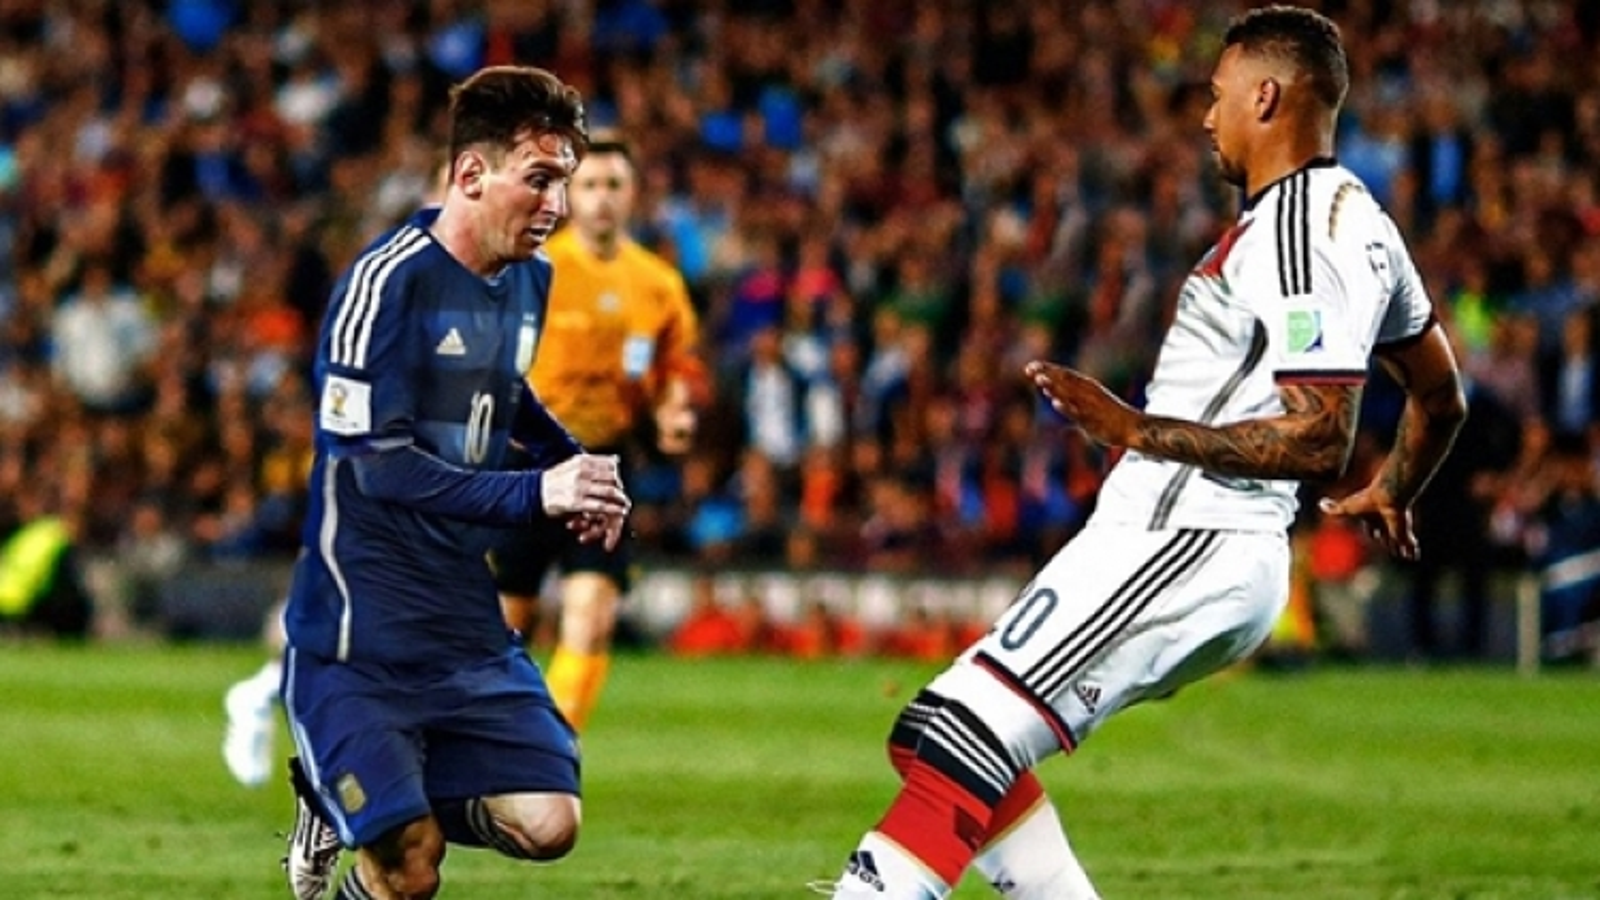 """""""Vũ trụ bóng đá ngược đời"""": Messi vô địch World Cup với ĐT Argentina"""